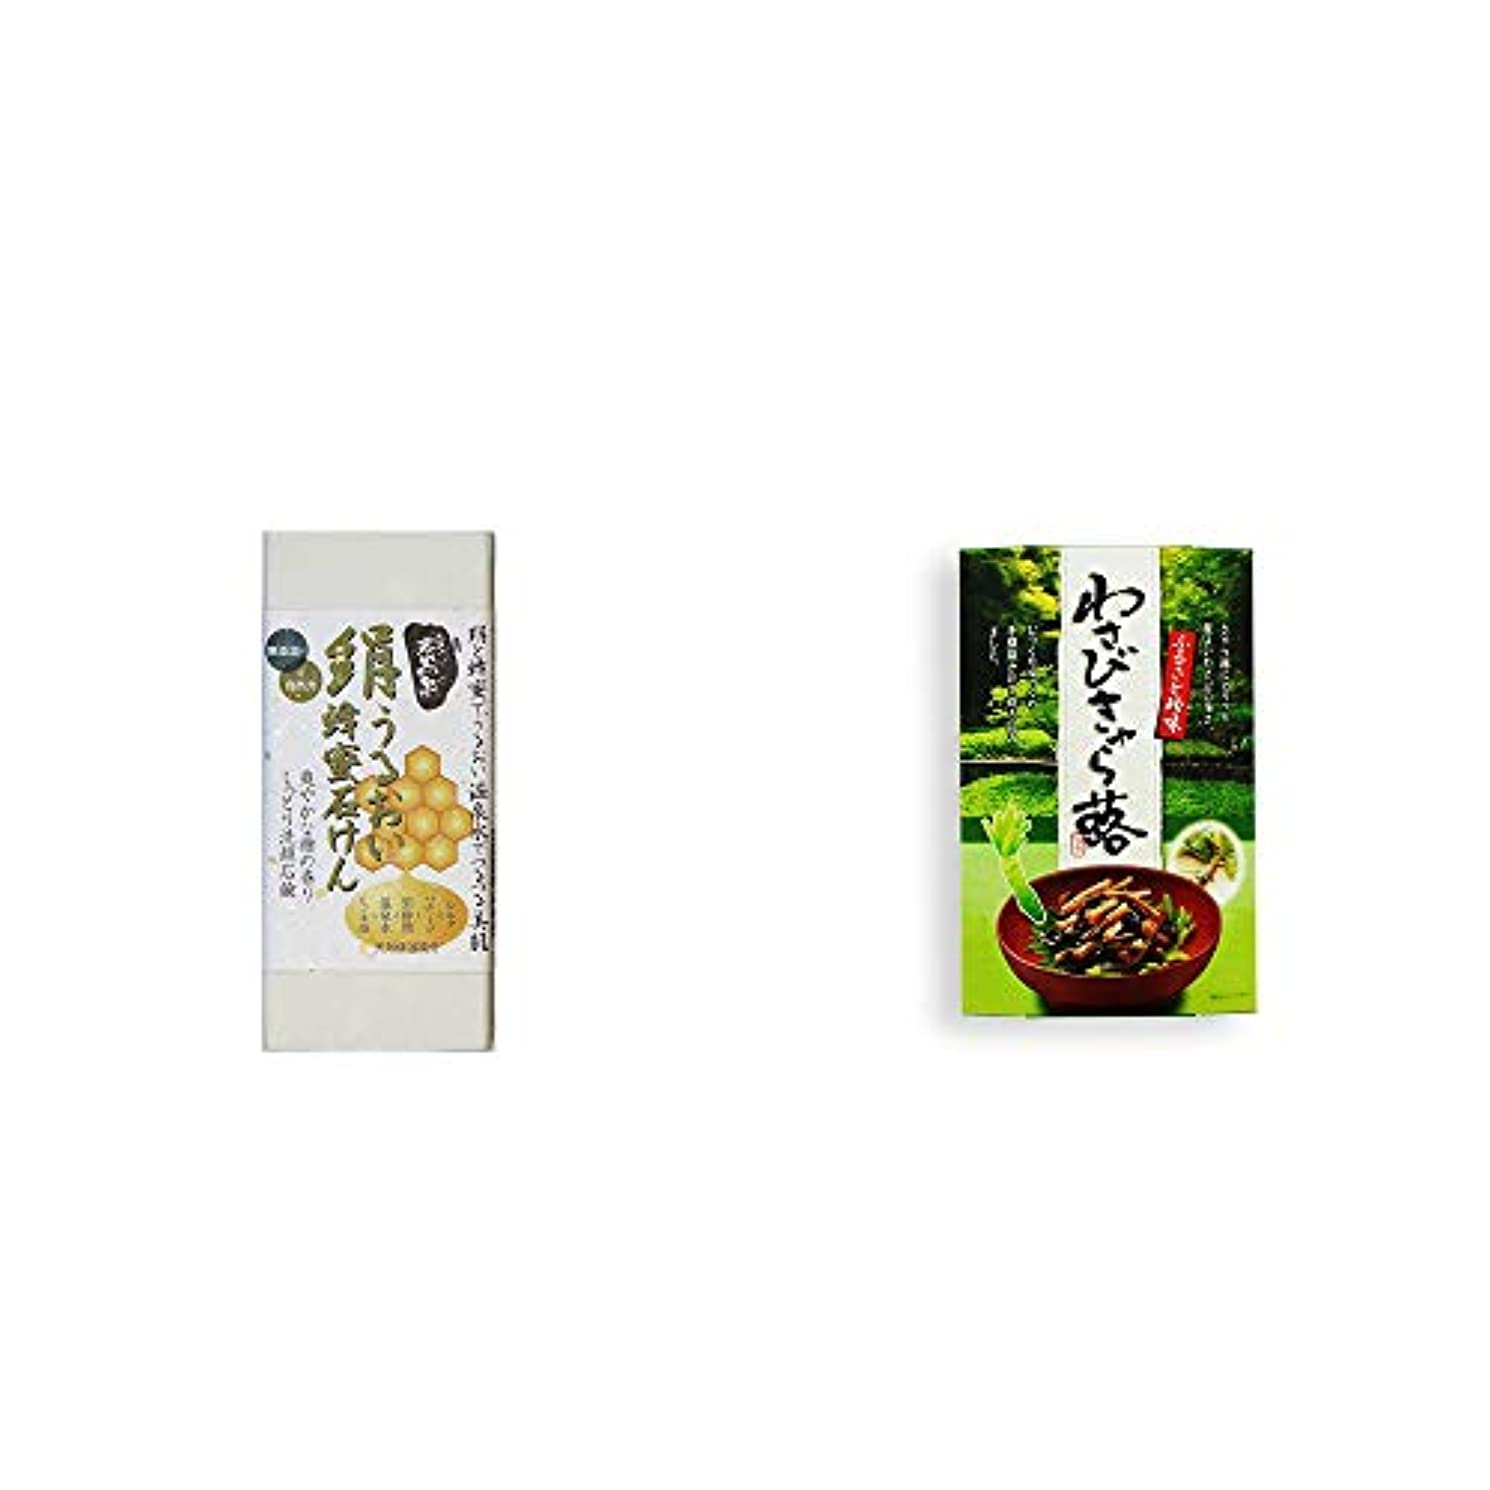 農村流出緩やかな[2点セット] ひのき炭黒泉 絹うるおい蜂蜜石けん(75g×2)?わさびきゃら蕗(180g)